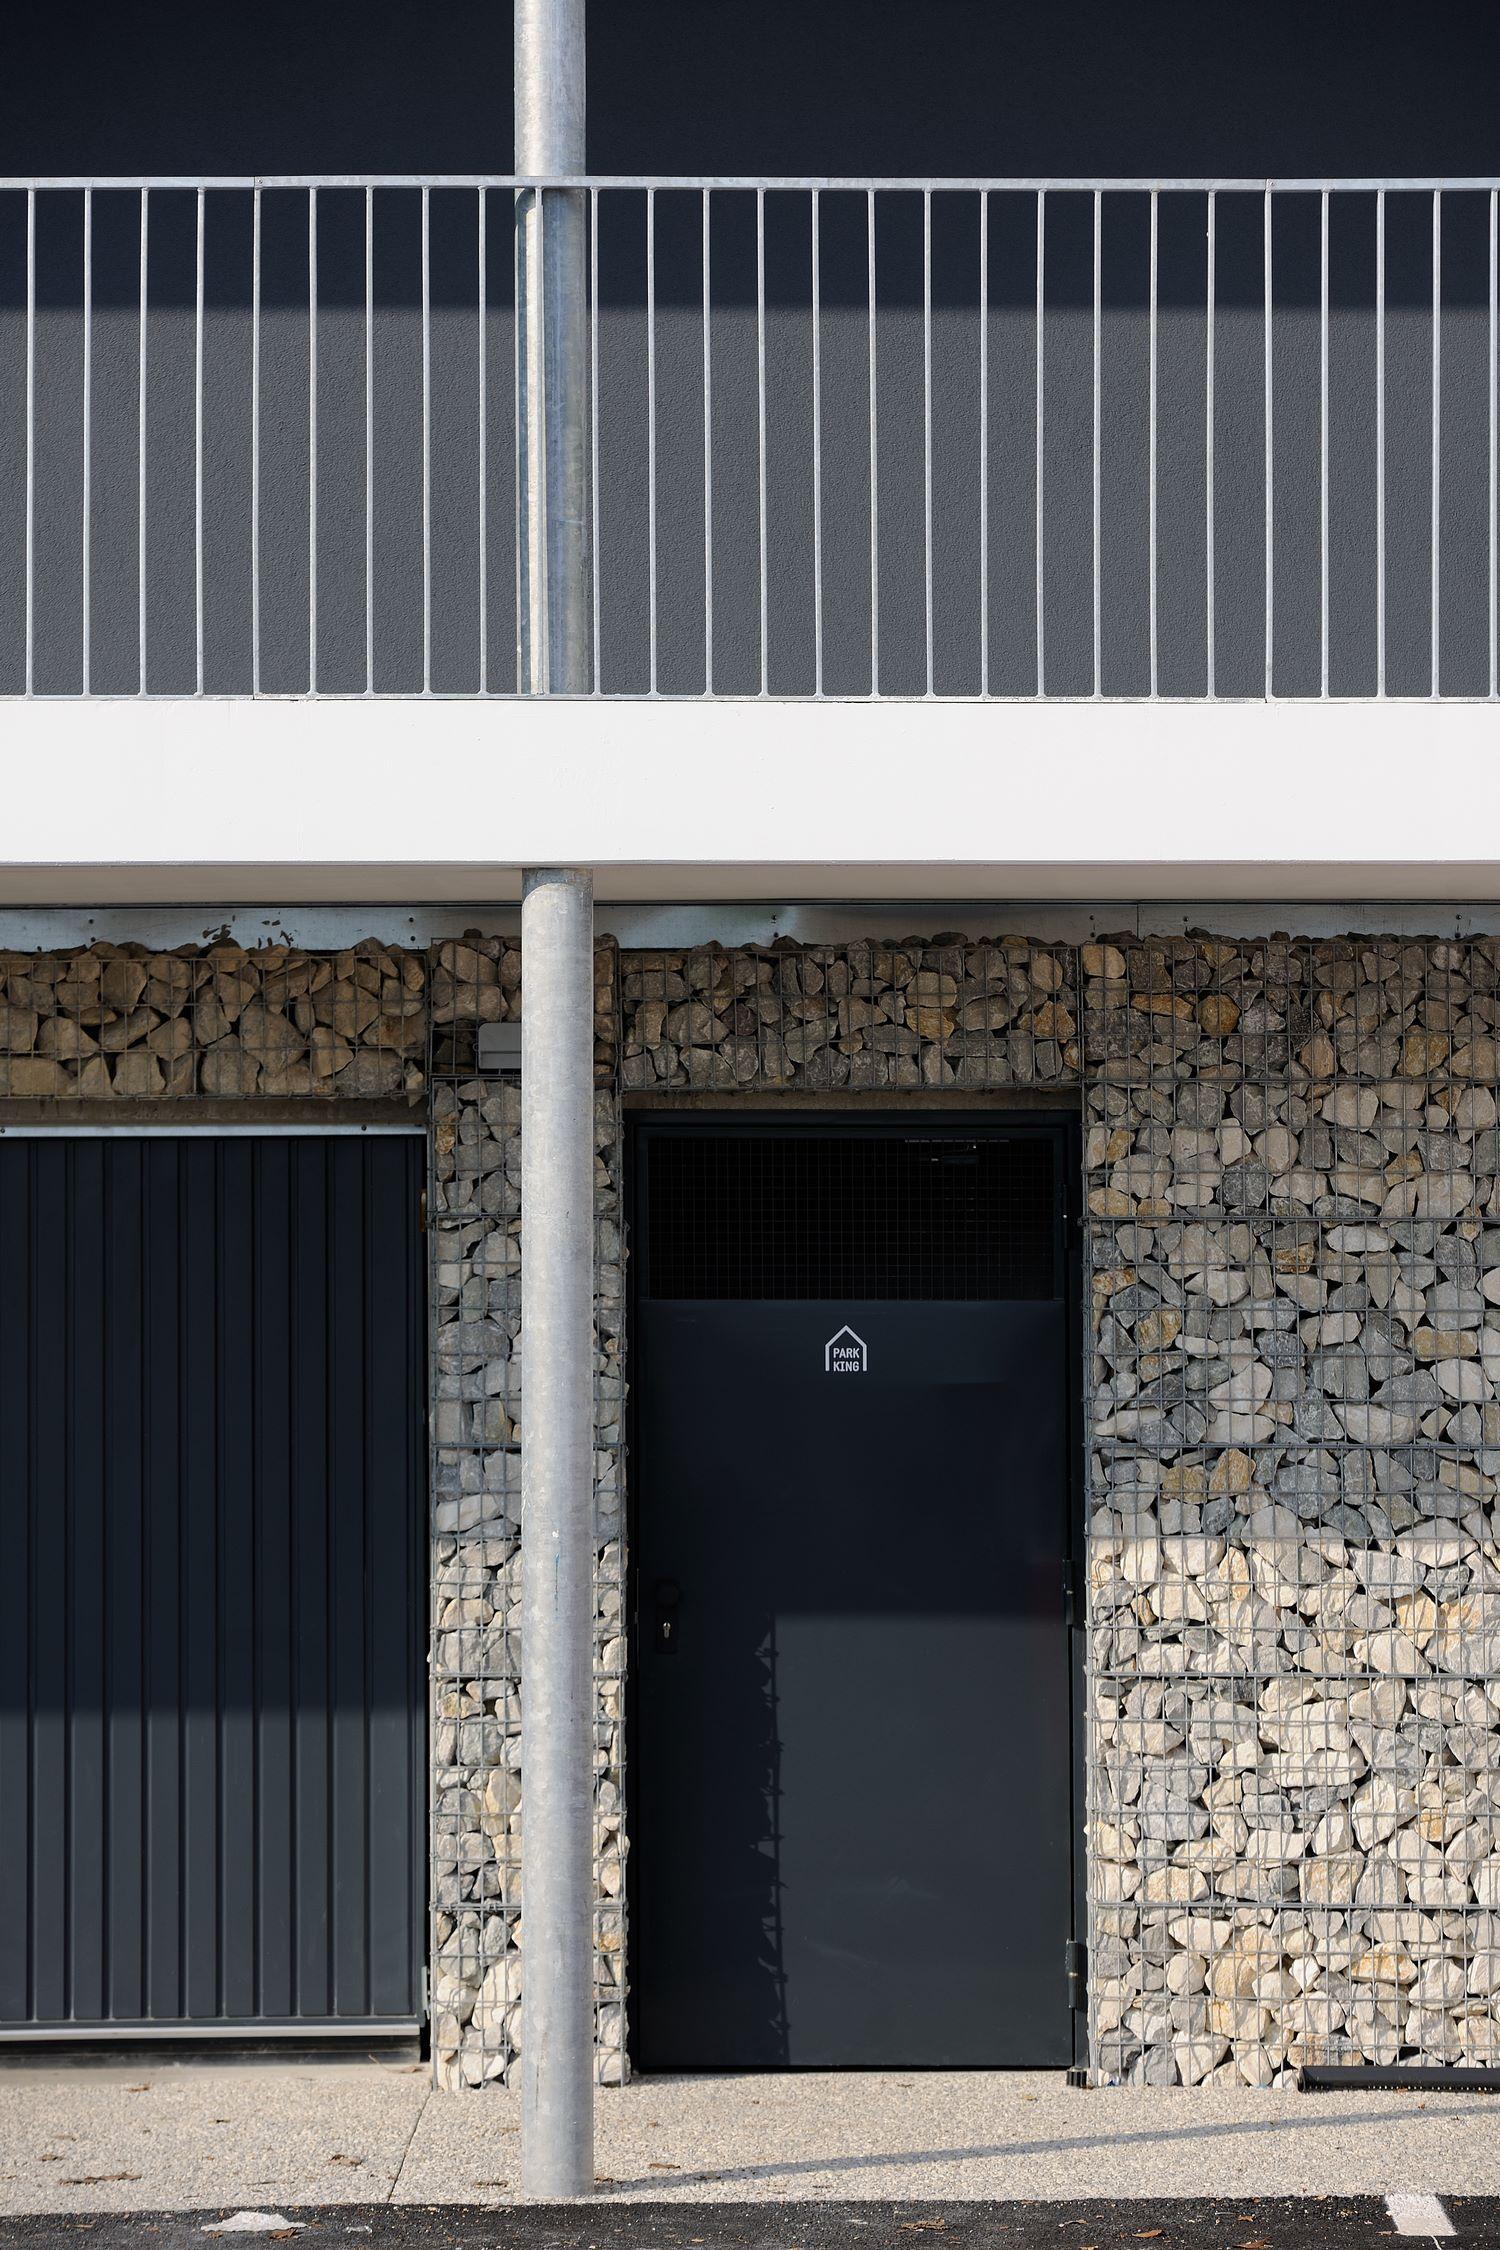 pateyarchitectes - construction de 65 logements dans la zac les chataigneraies à jacob bellecombette - savoie